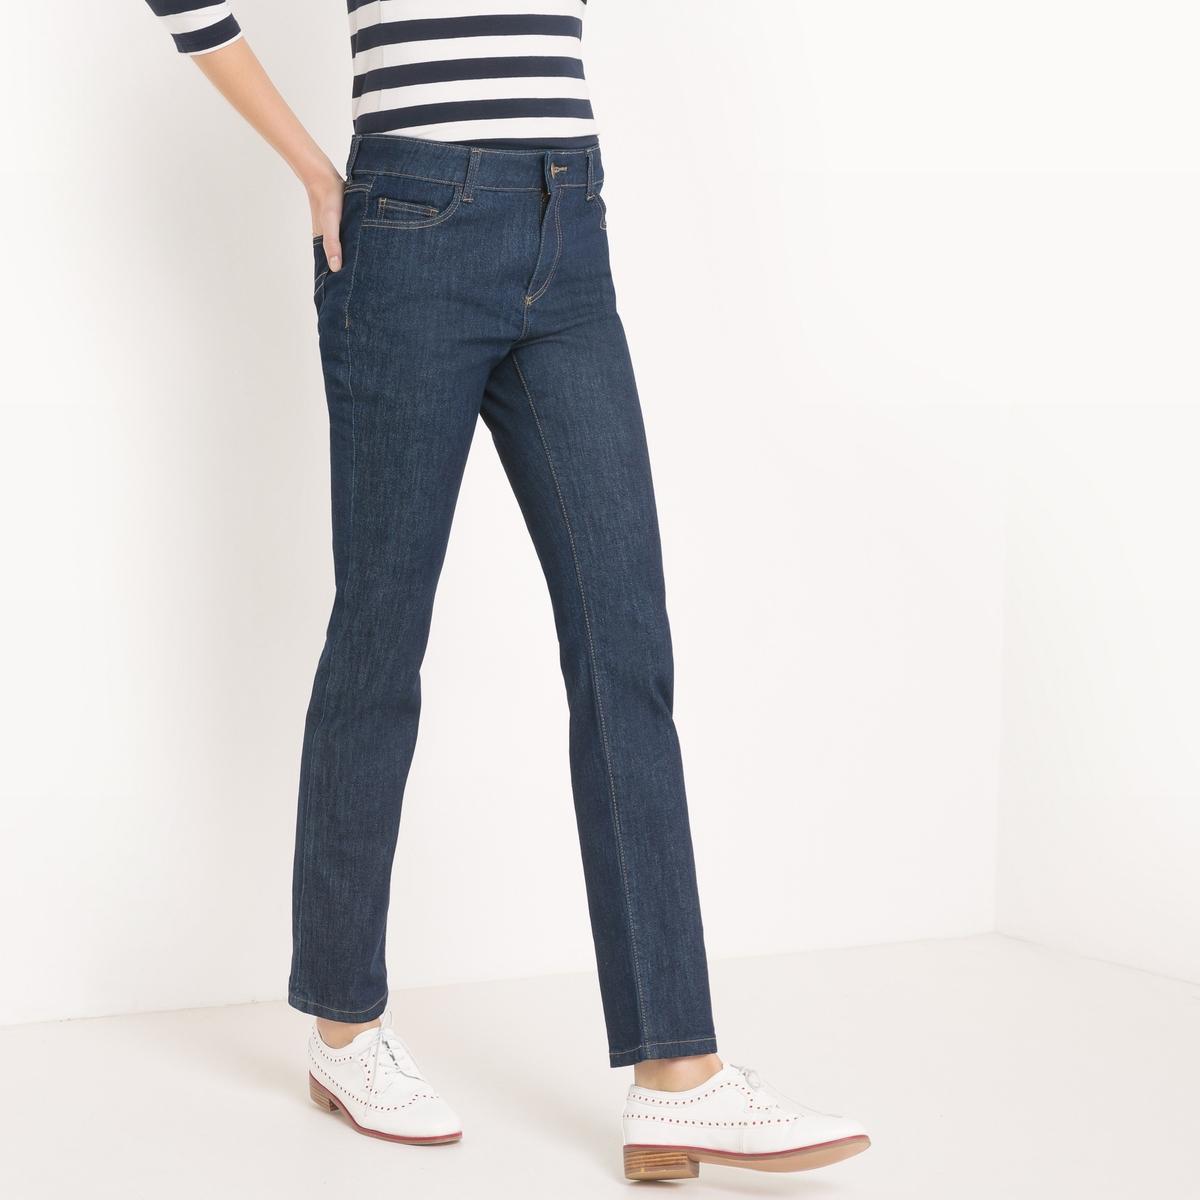 Джинсы прямые джинсы прямые 3 12 лет